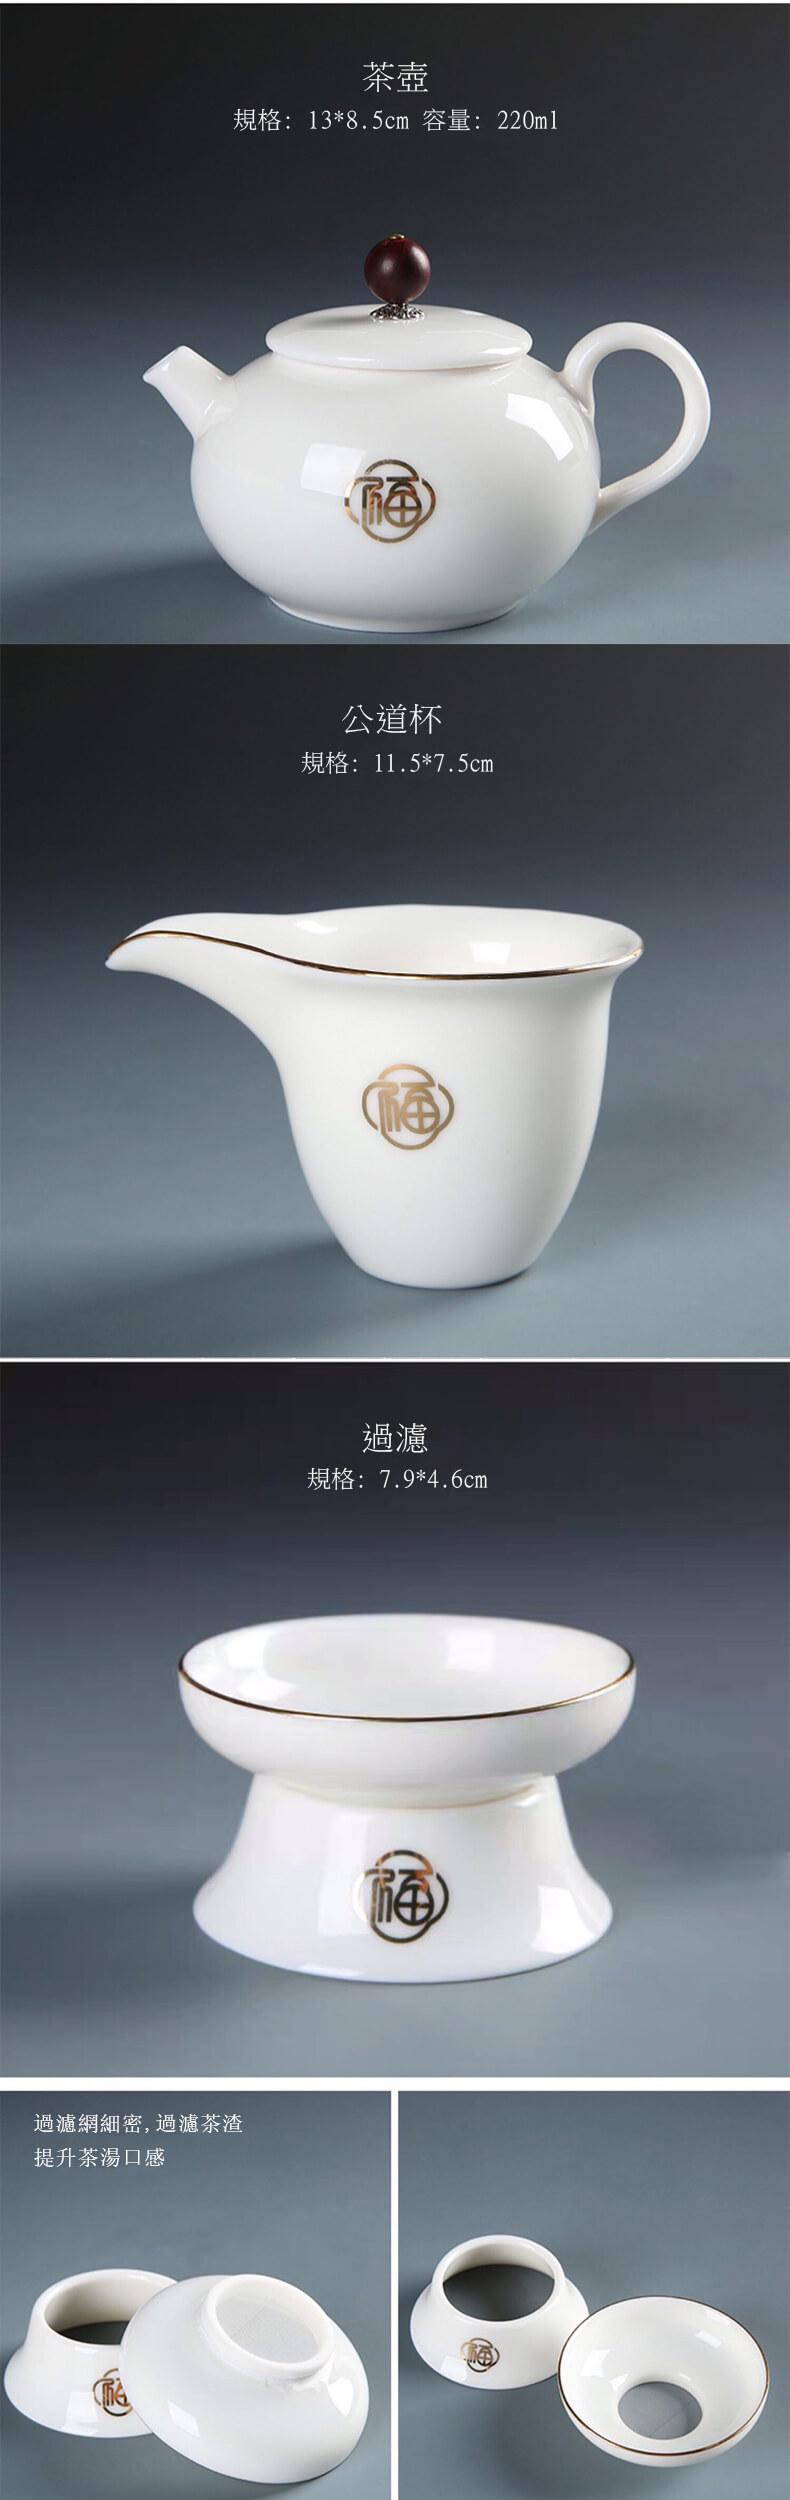 簡約白瓷茶具套裝_04.jpg